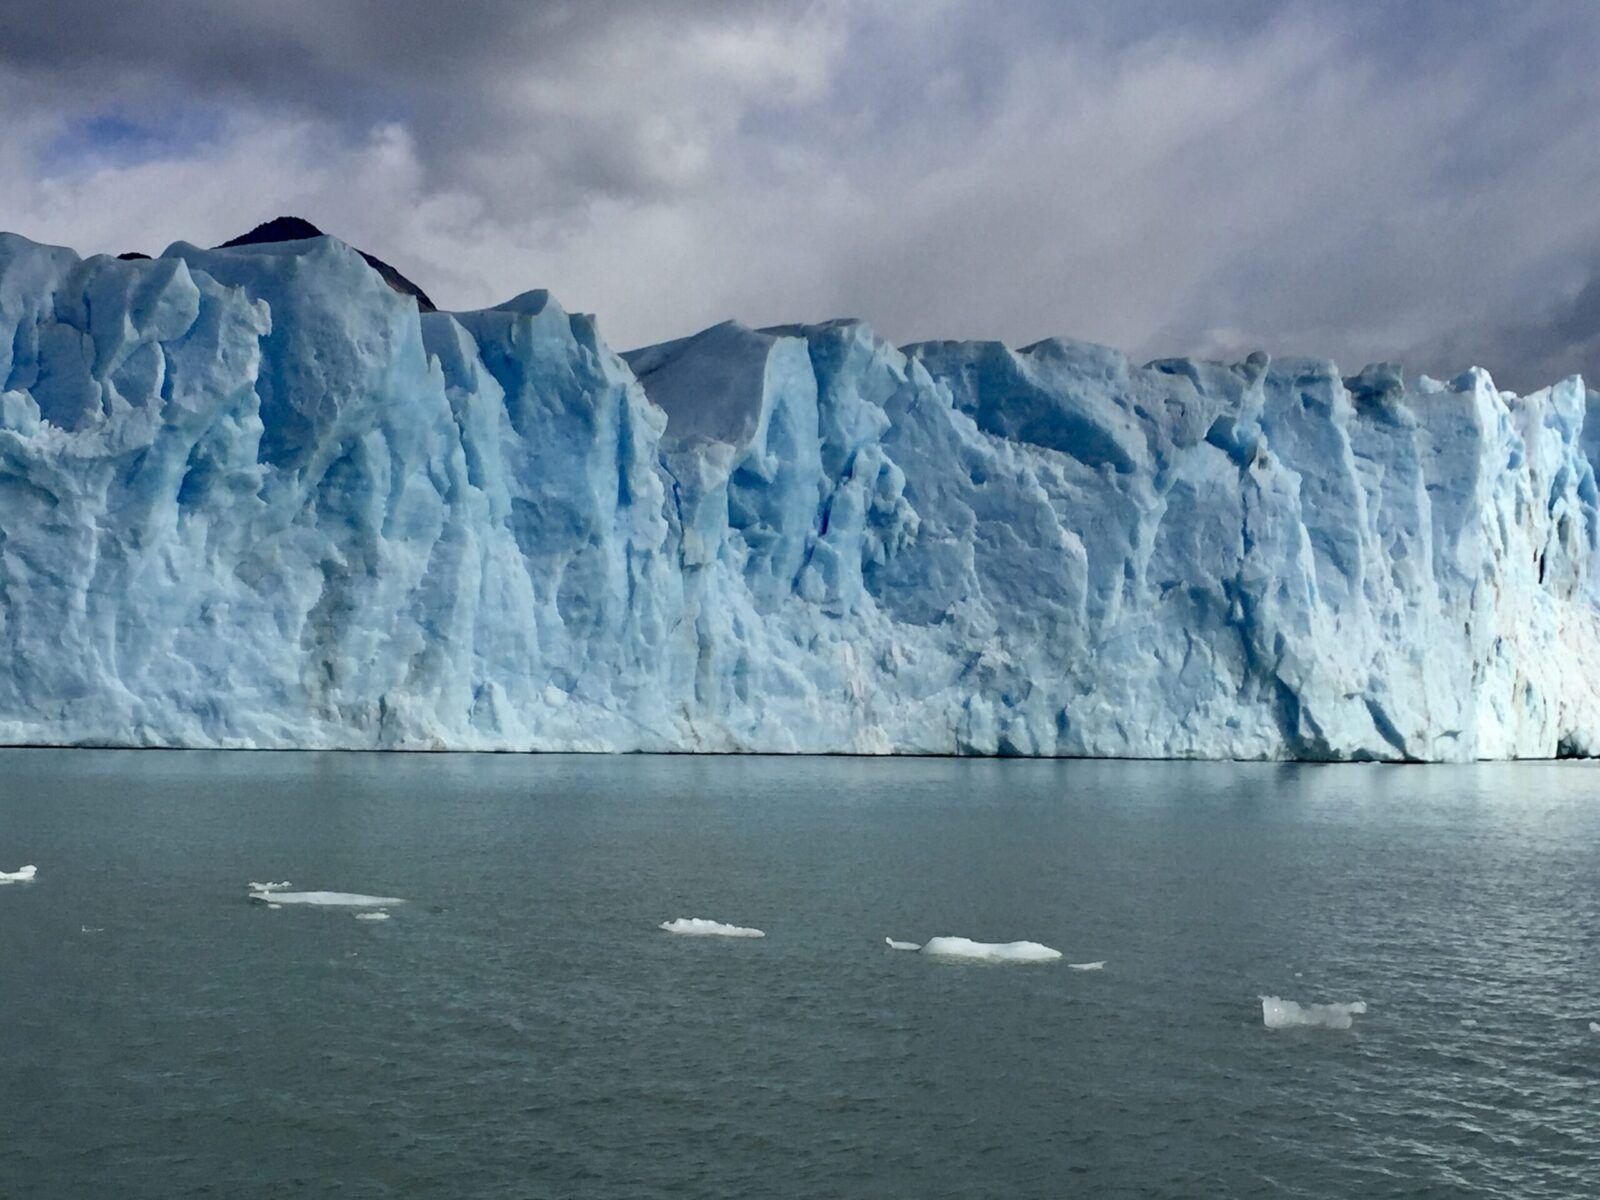 Dziura ozonowa jest już wielkości Antarktydy. Ścisłe przestrzeganie zakazu emisji chemikaliów może zahamować zmiany klimatyczne